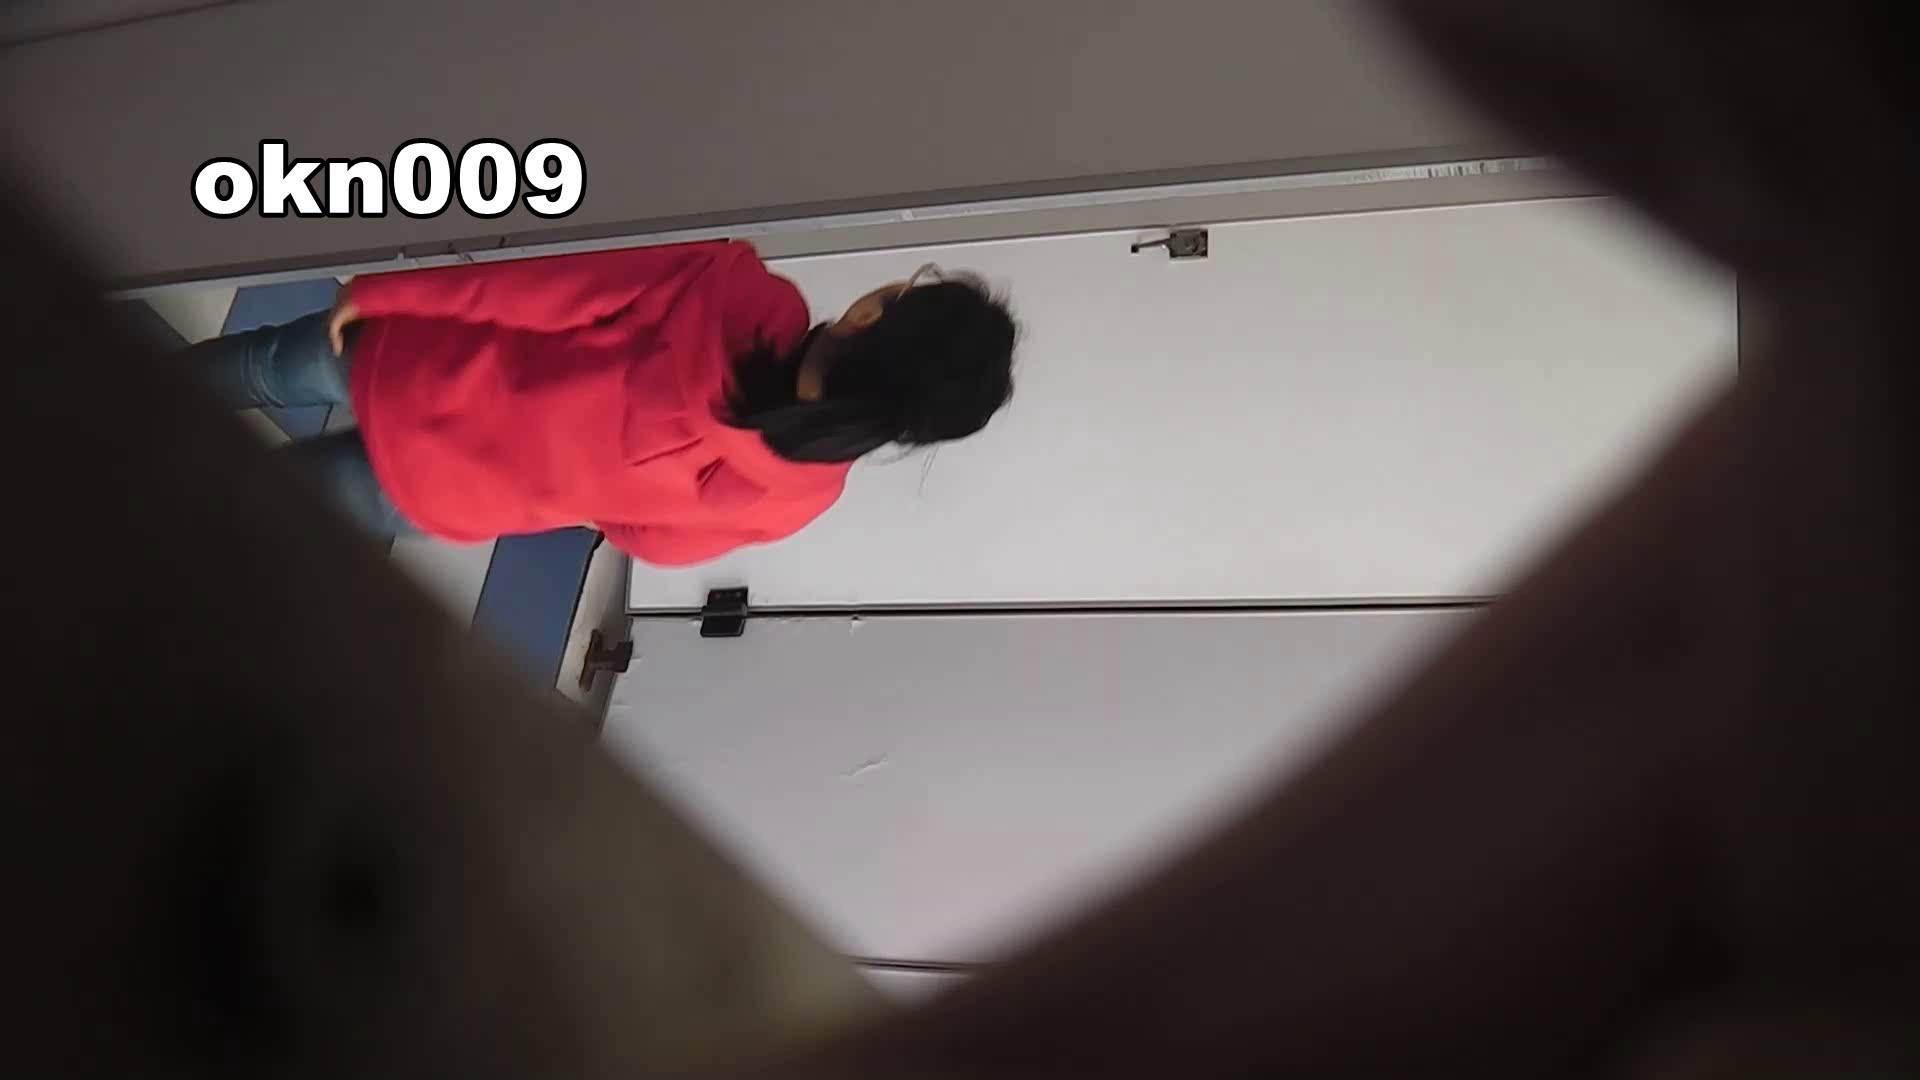 エロ動画:下からノゾム vol.009 リキンでモリアガった割にヒョロ:怪盗ジョーカー